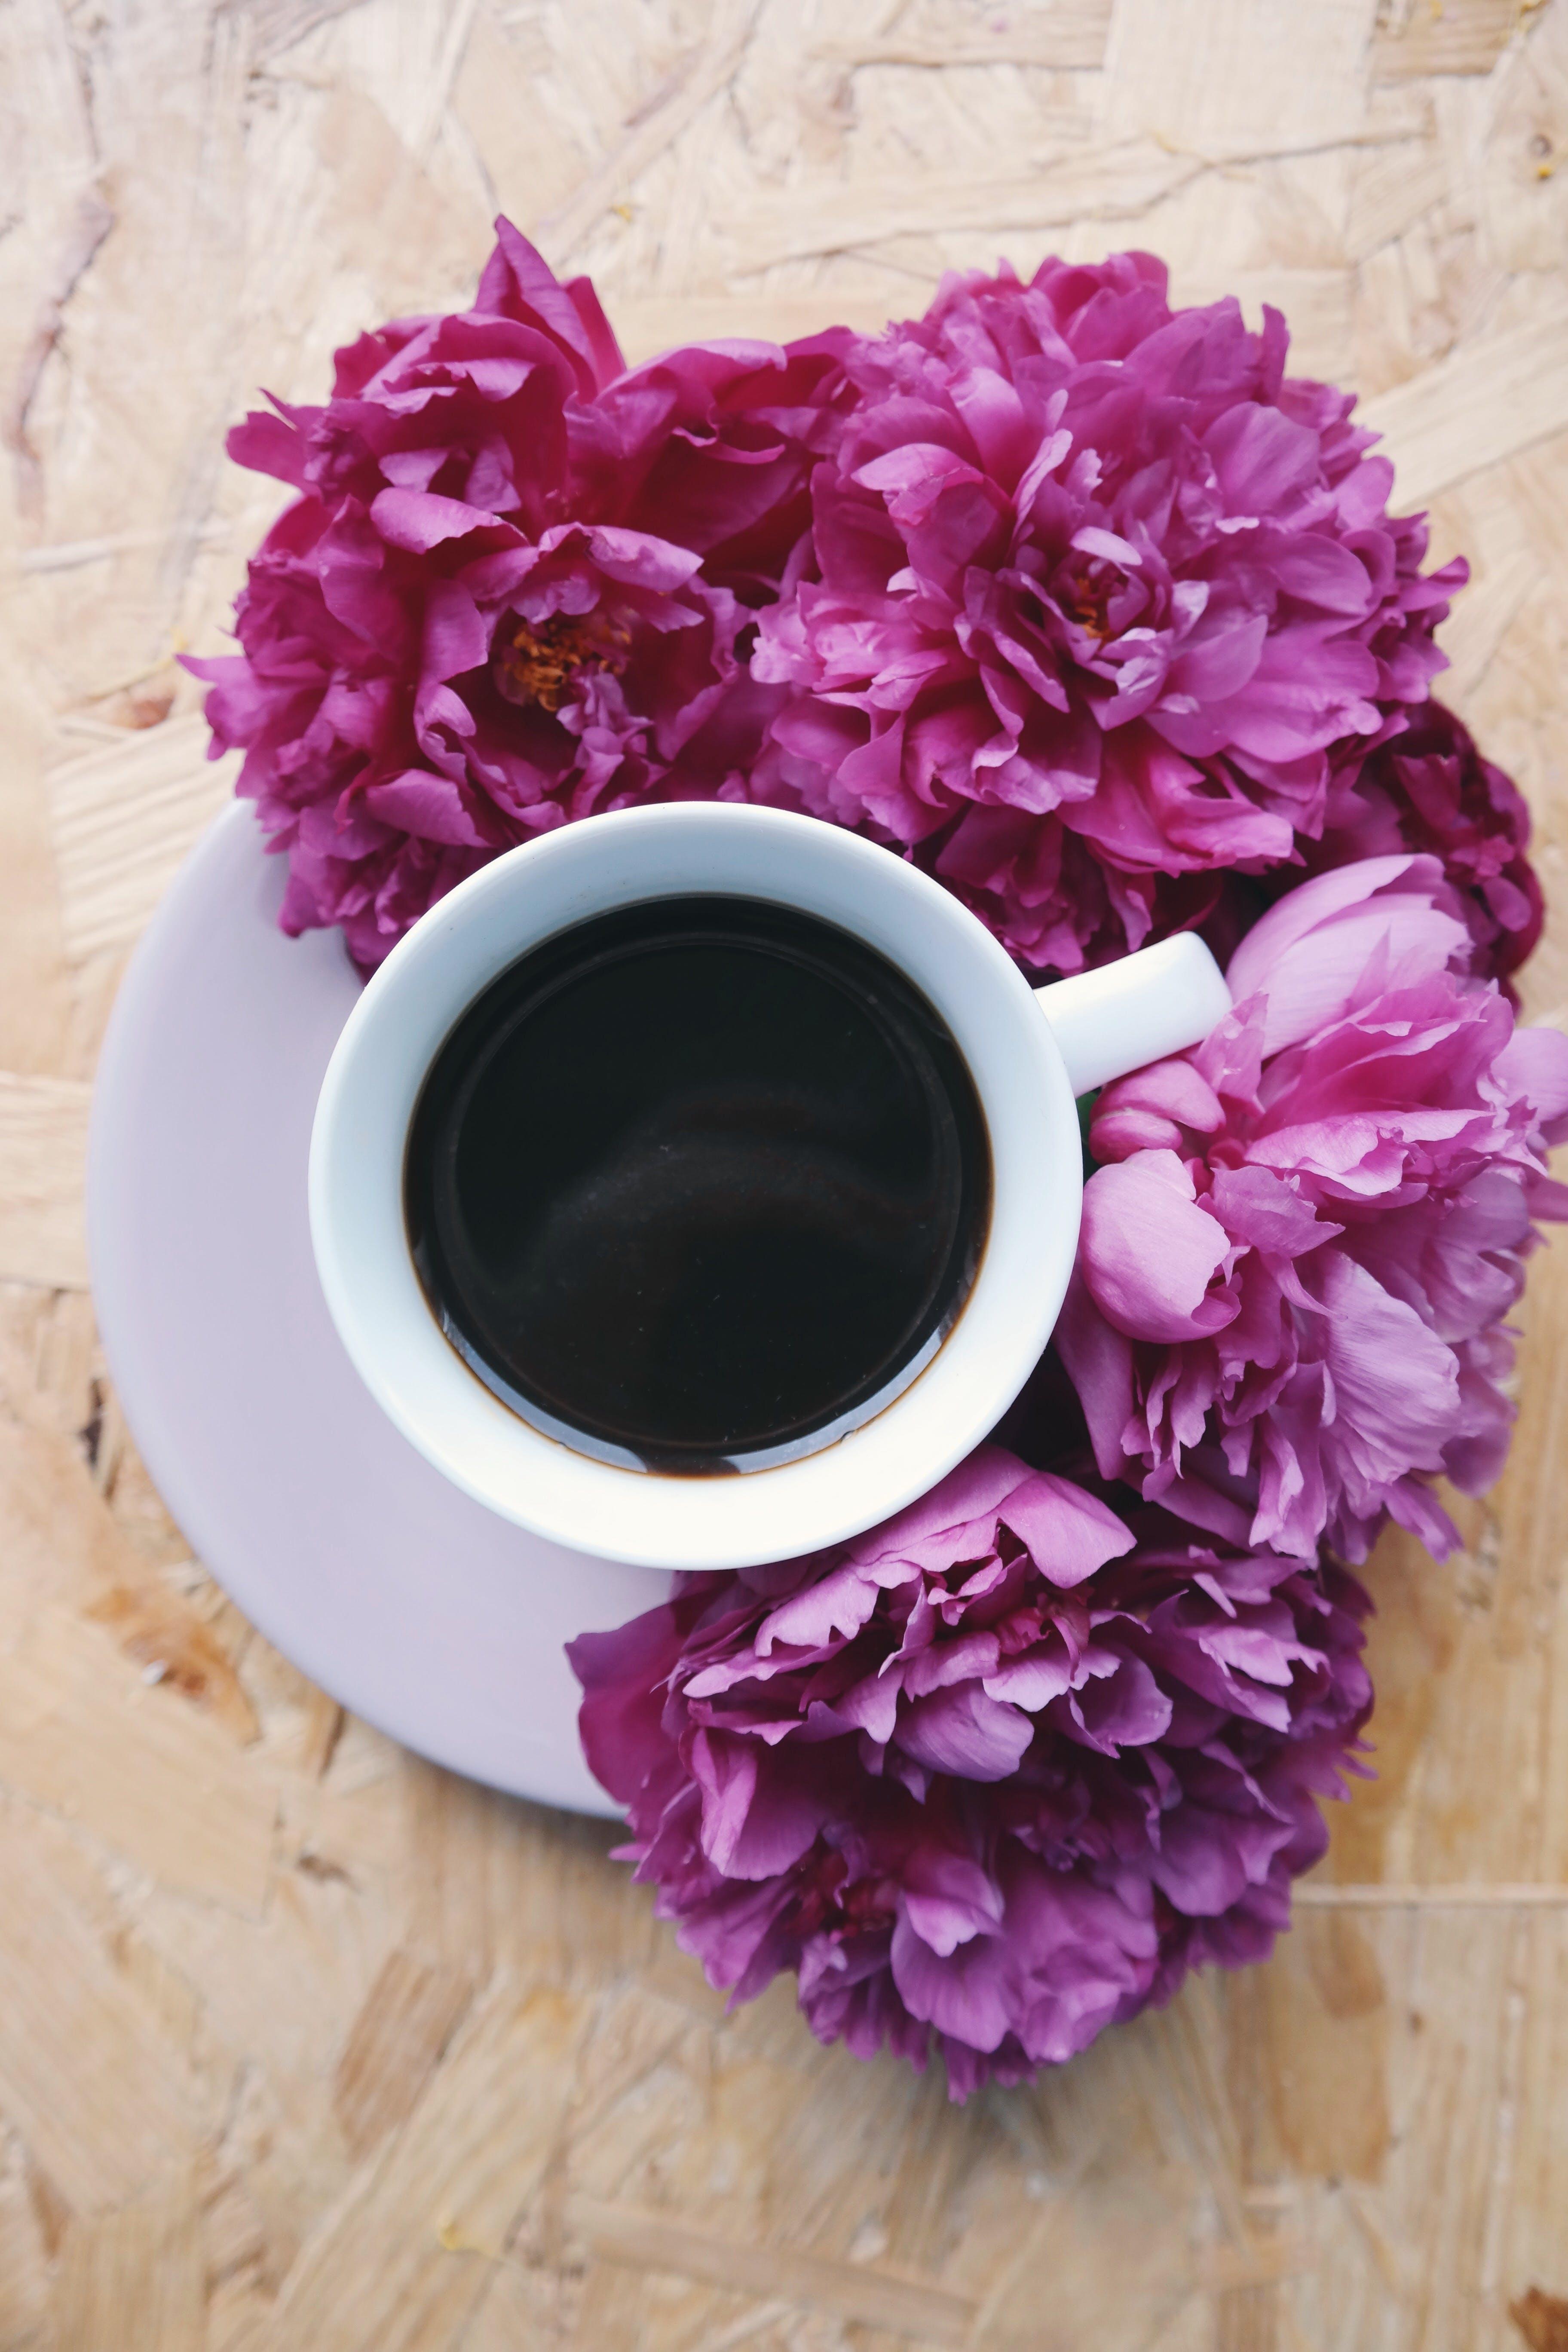 Kostenloses Stock Foto zu aromatisch, blumen, blütenblätter, draufsicht